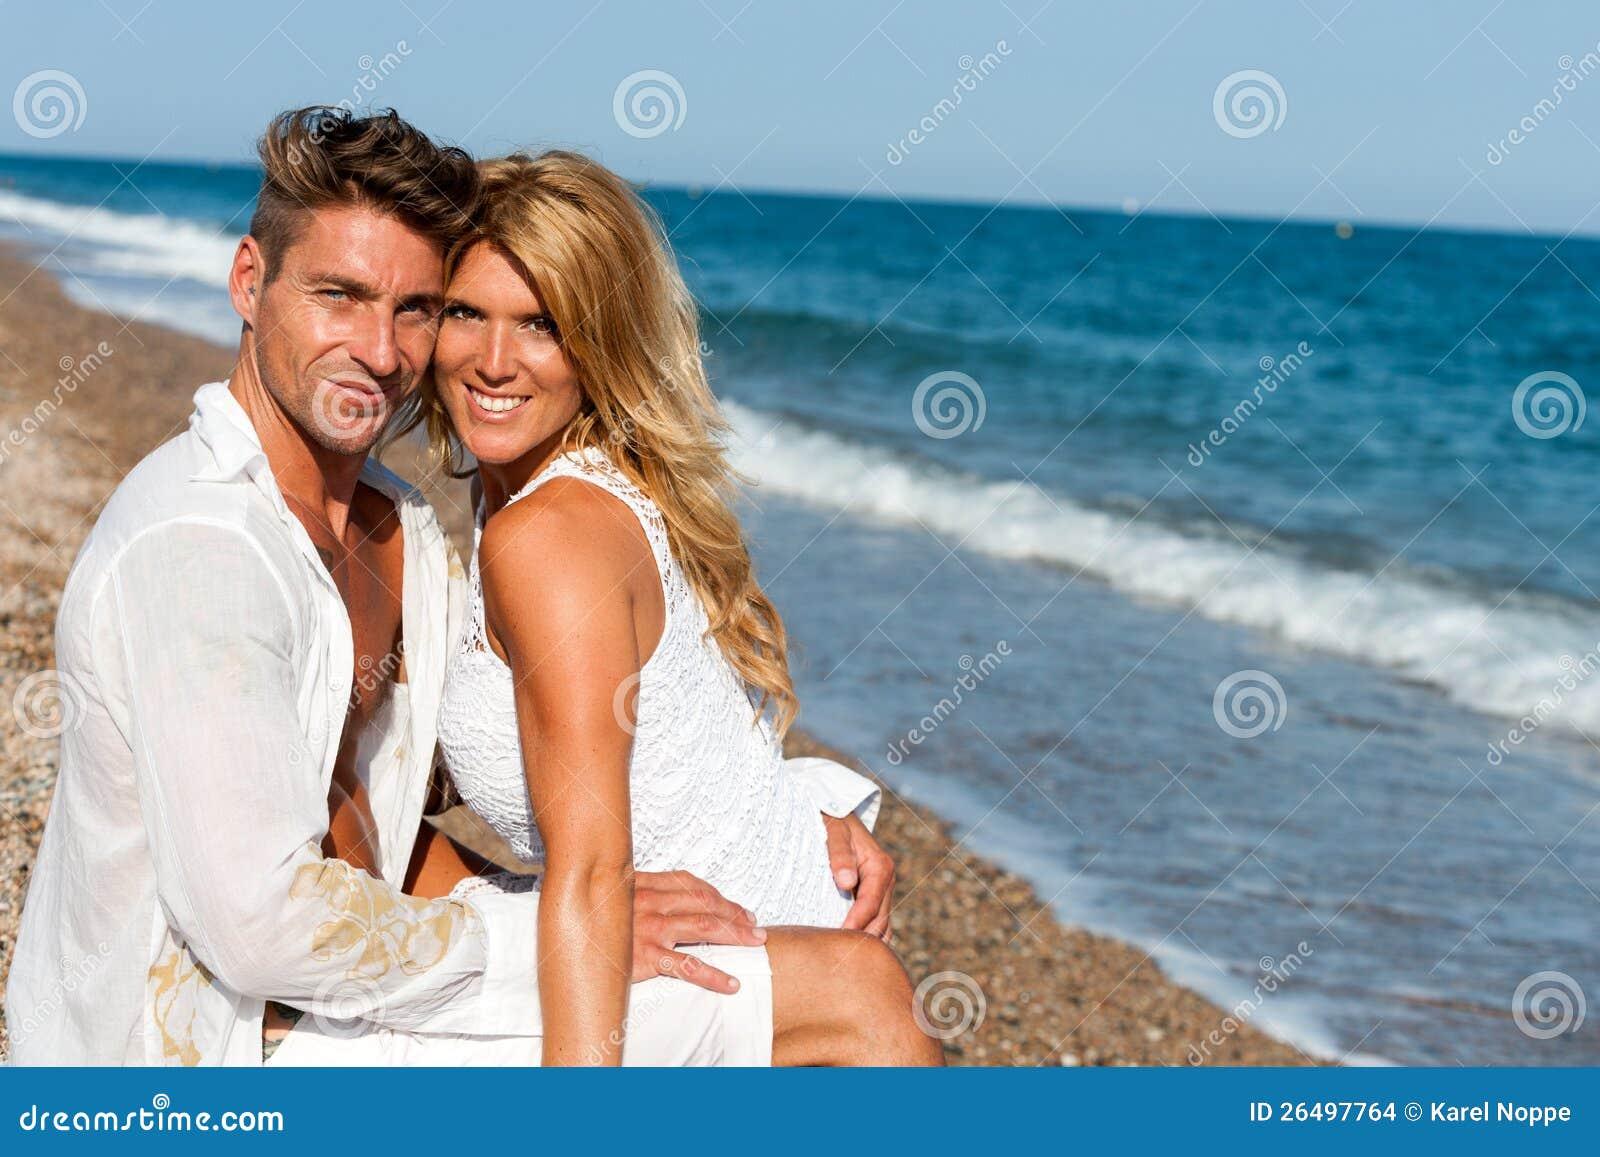 Парочки на пляже фото